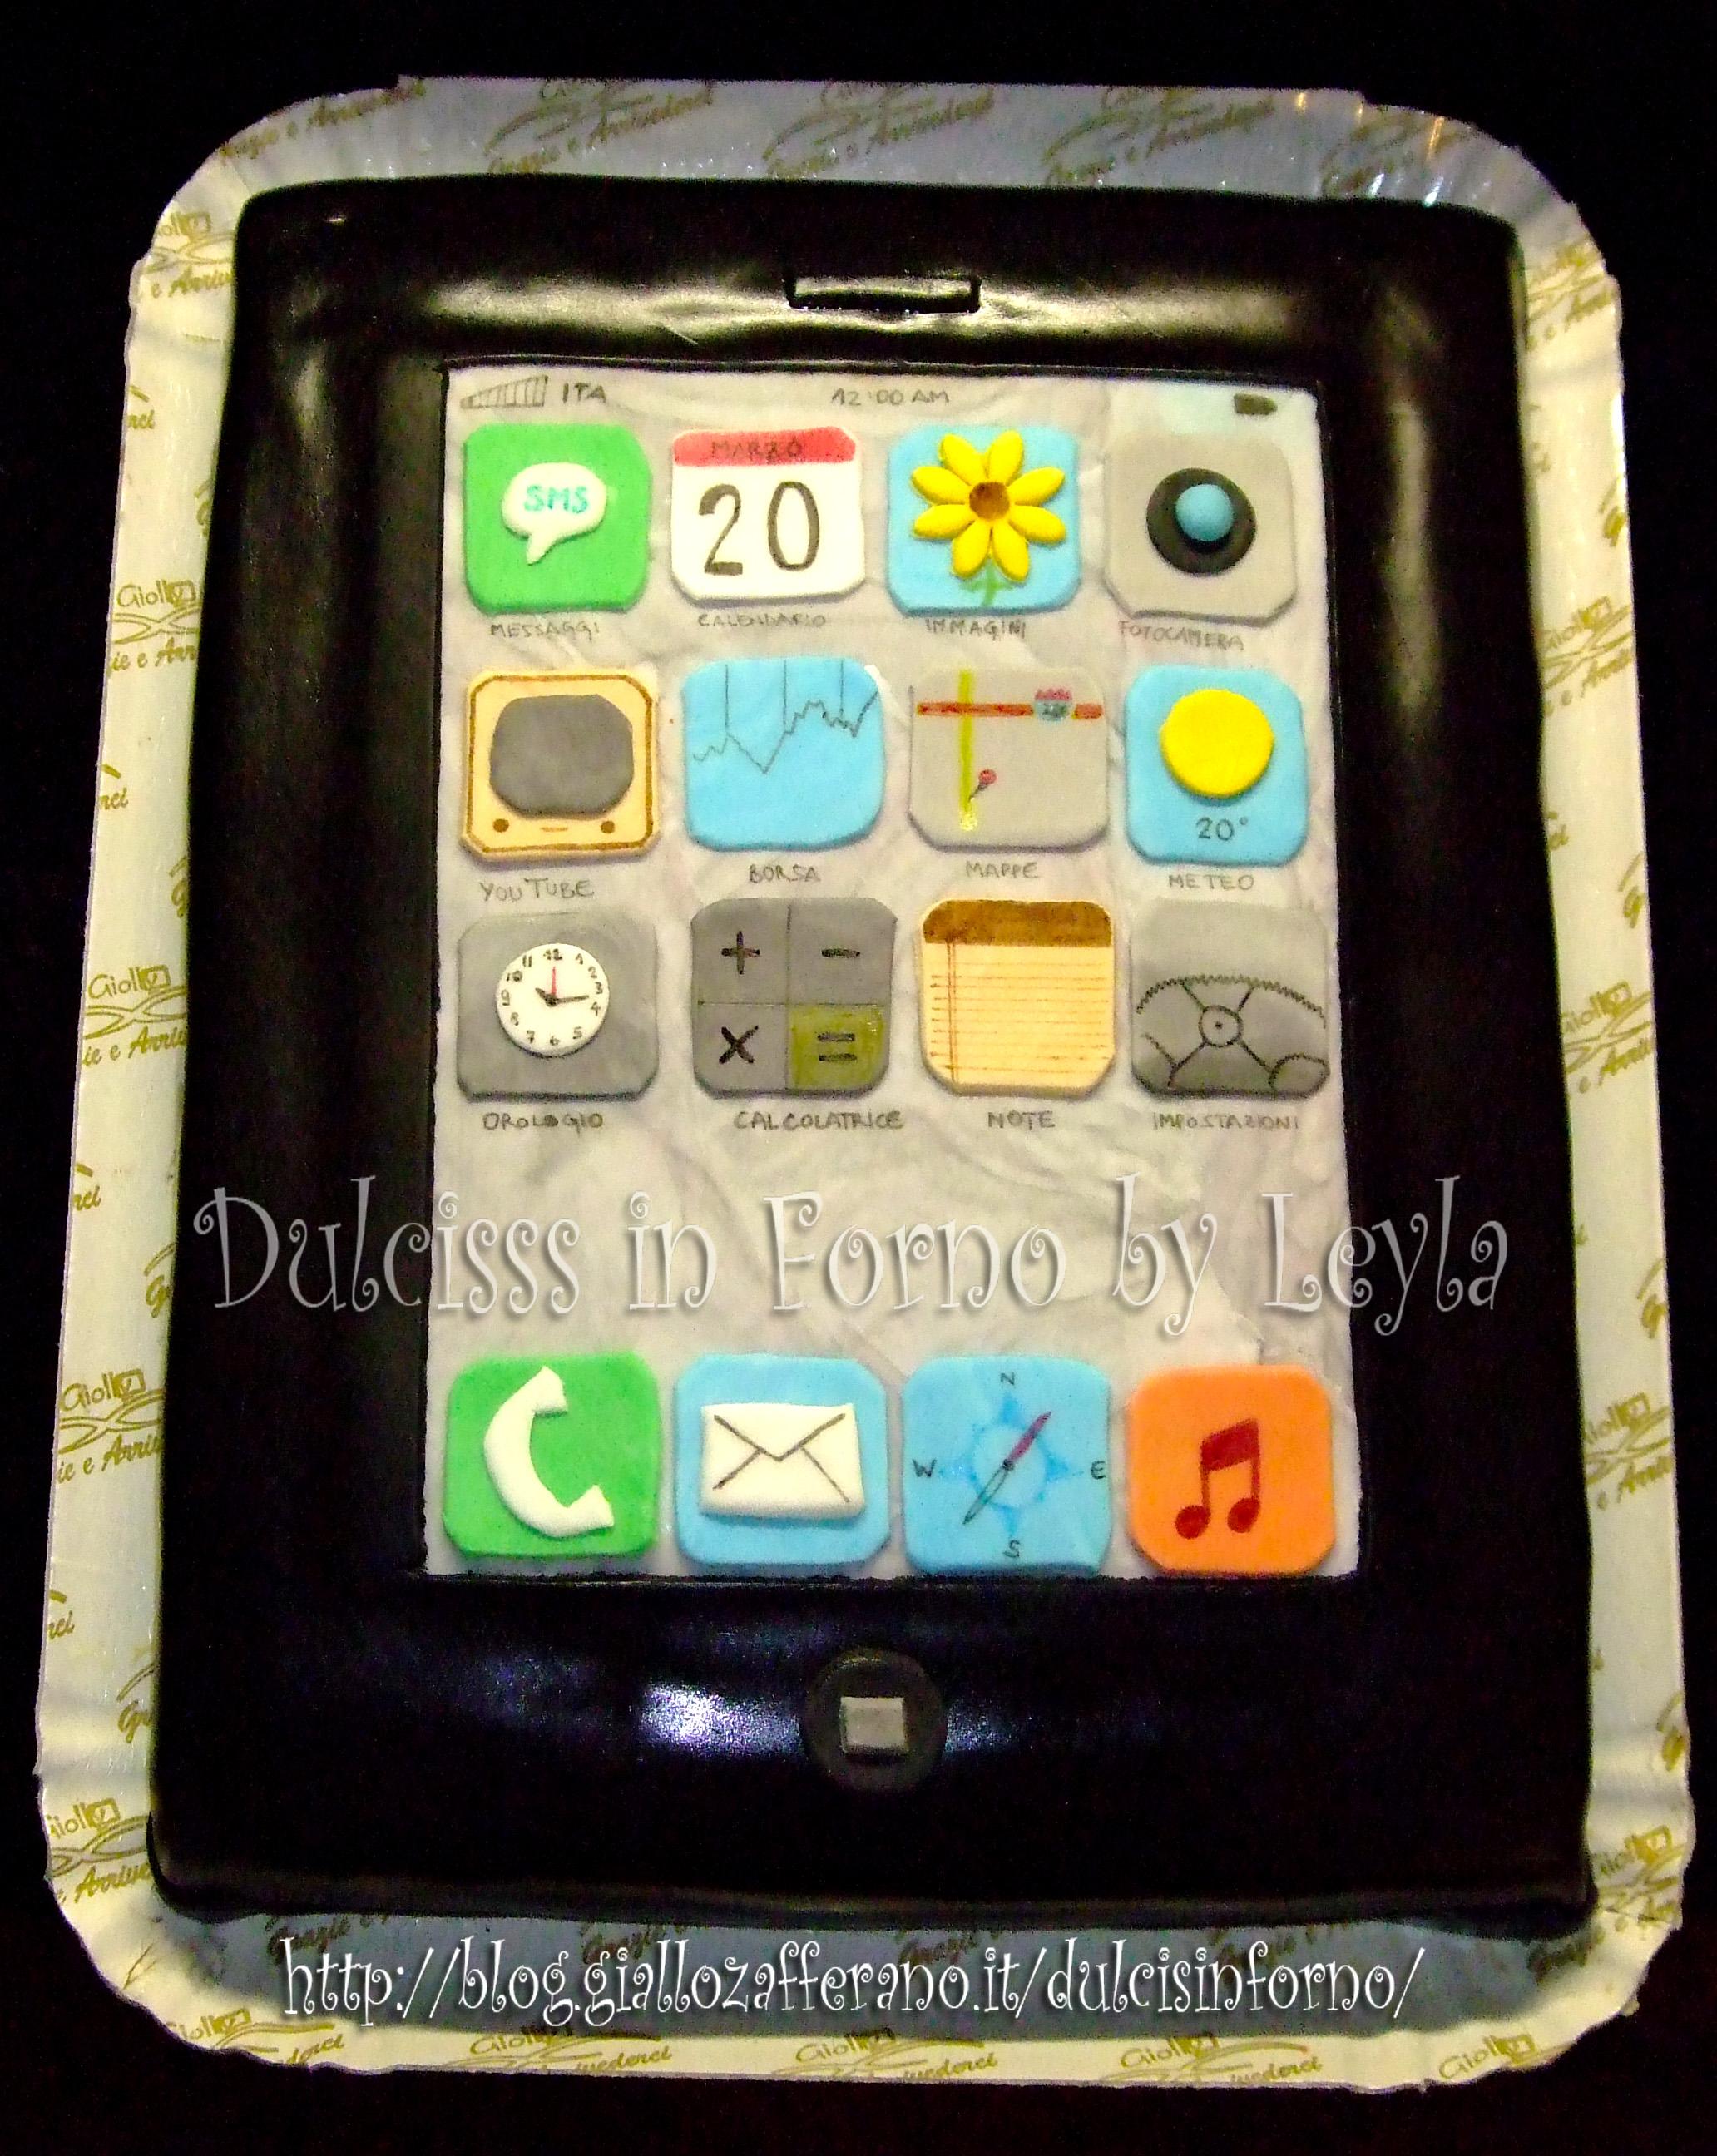 Torta a forma di iPhone | iPhone cake | pasta di zucchero | Dulcisss in forno